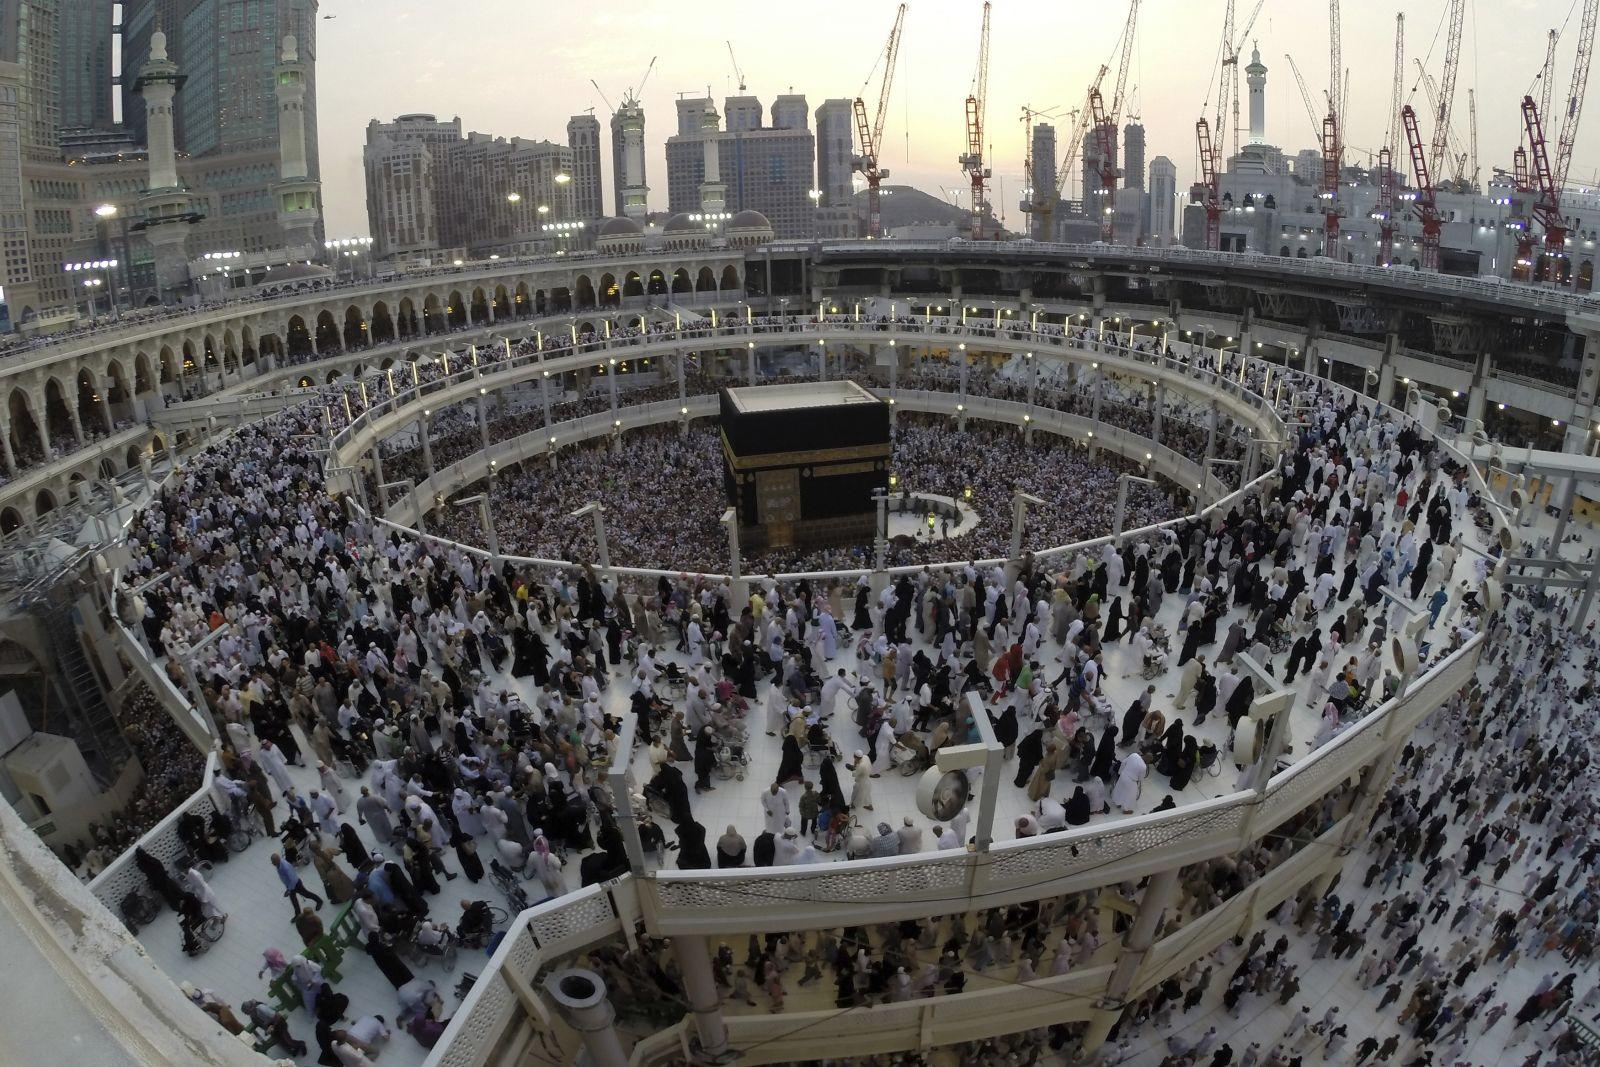 Islam Muslims mecca hajj